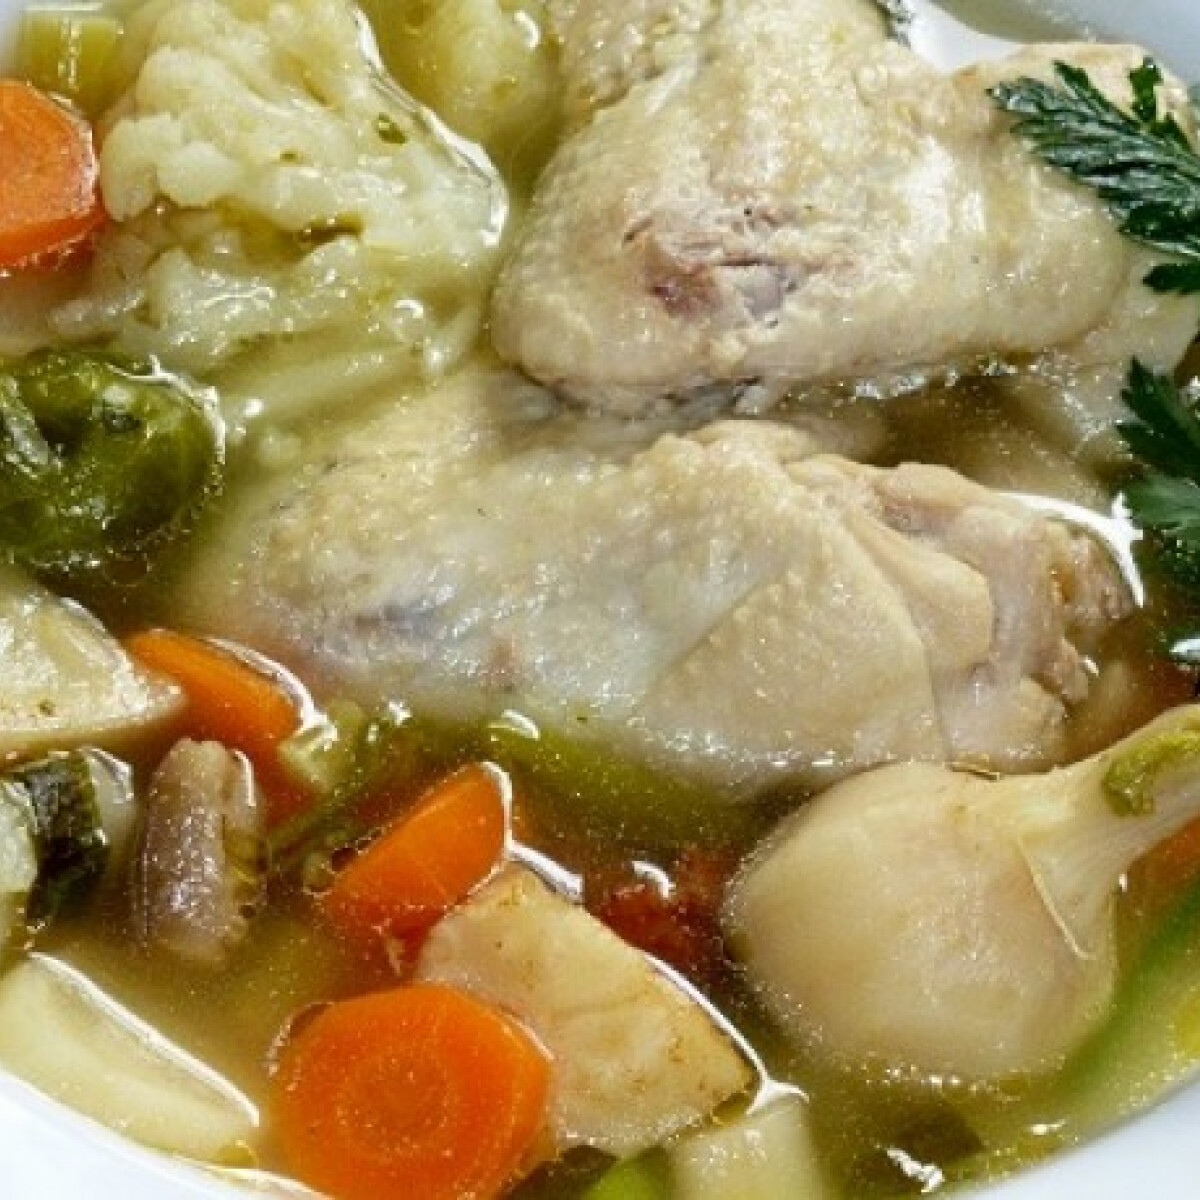 Ezen a képen: Csirkeaprólék leves Mártitól